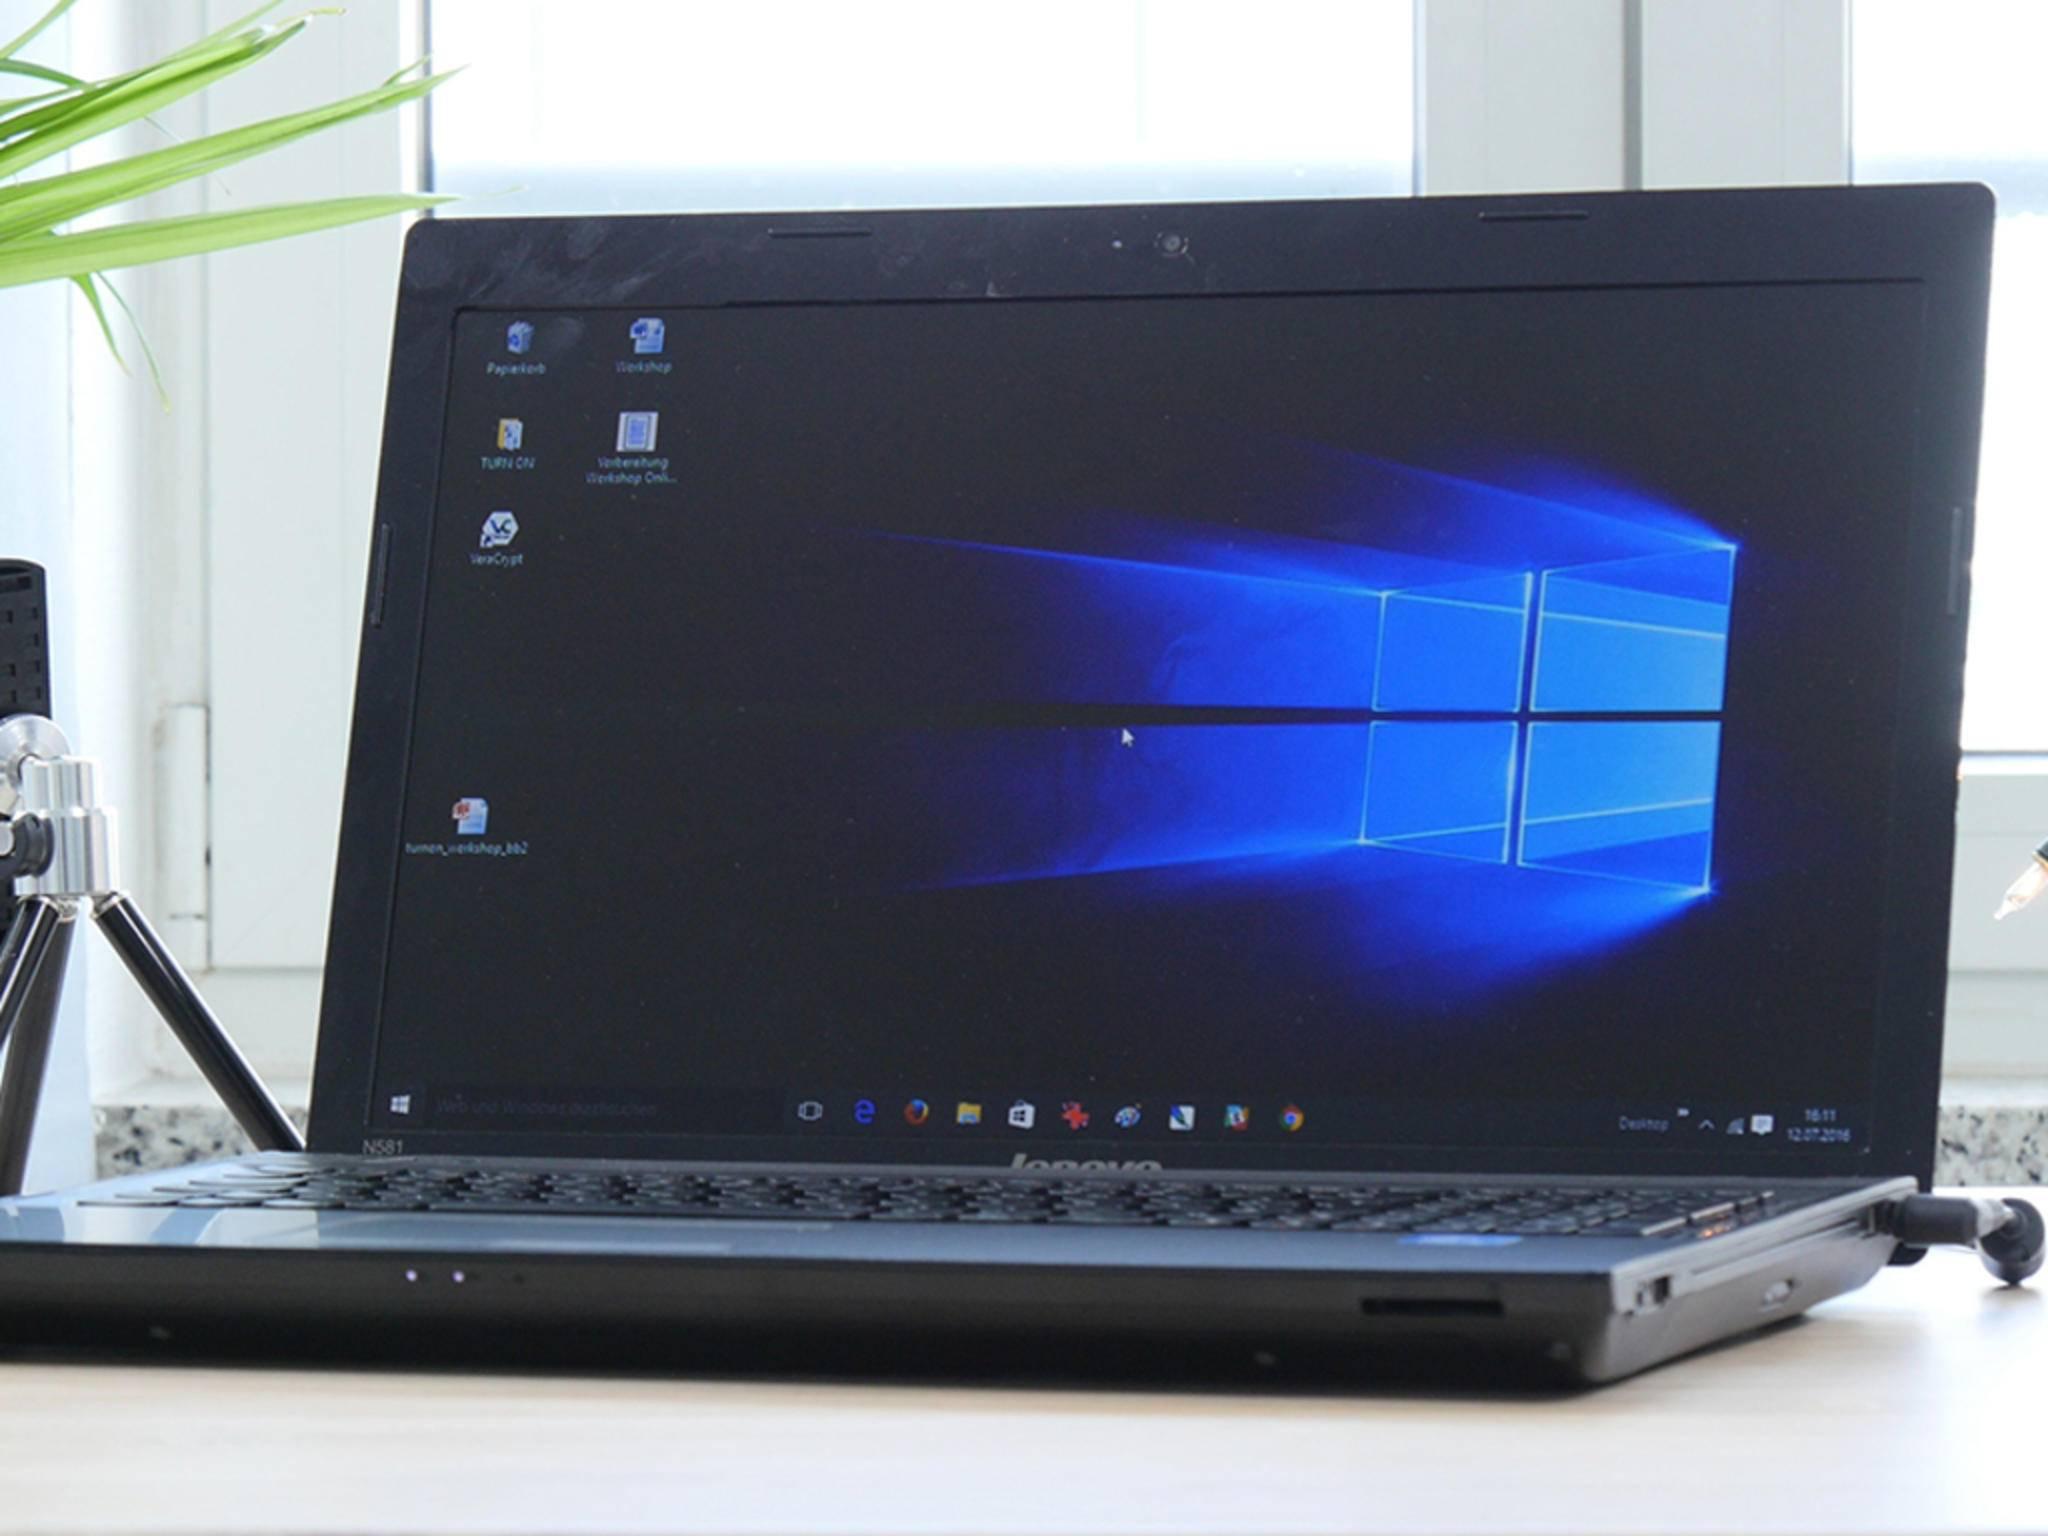 Du musst nicht für jeden Nutzer Deines PCs ein neues Windows kaufen.